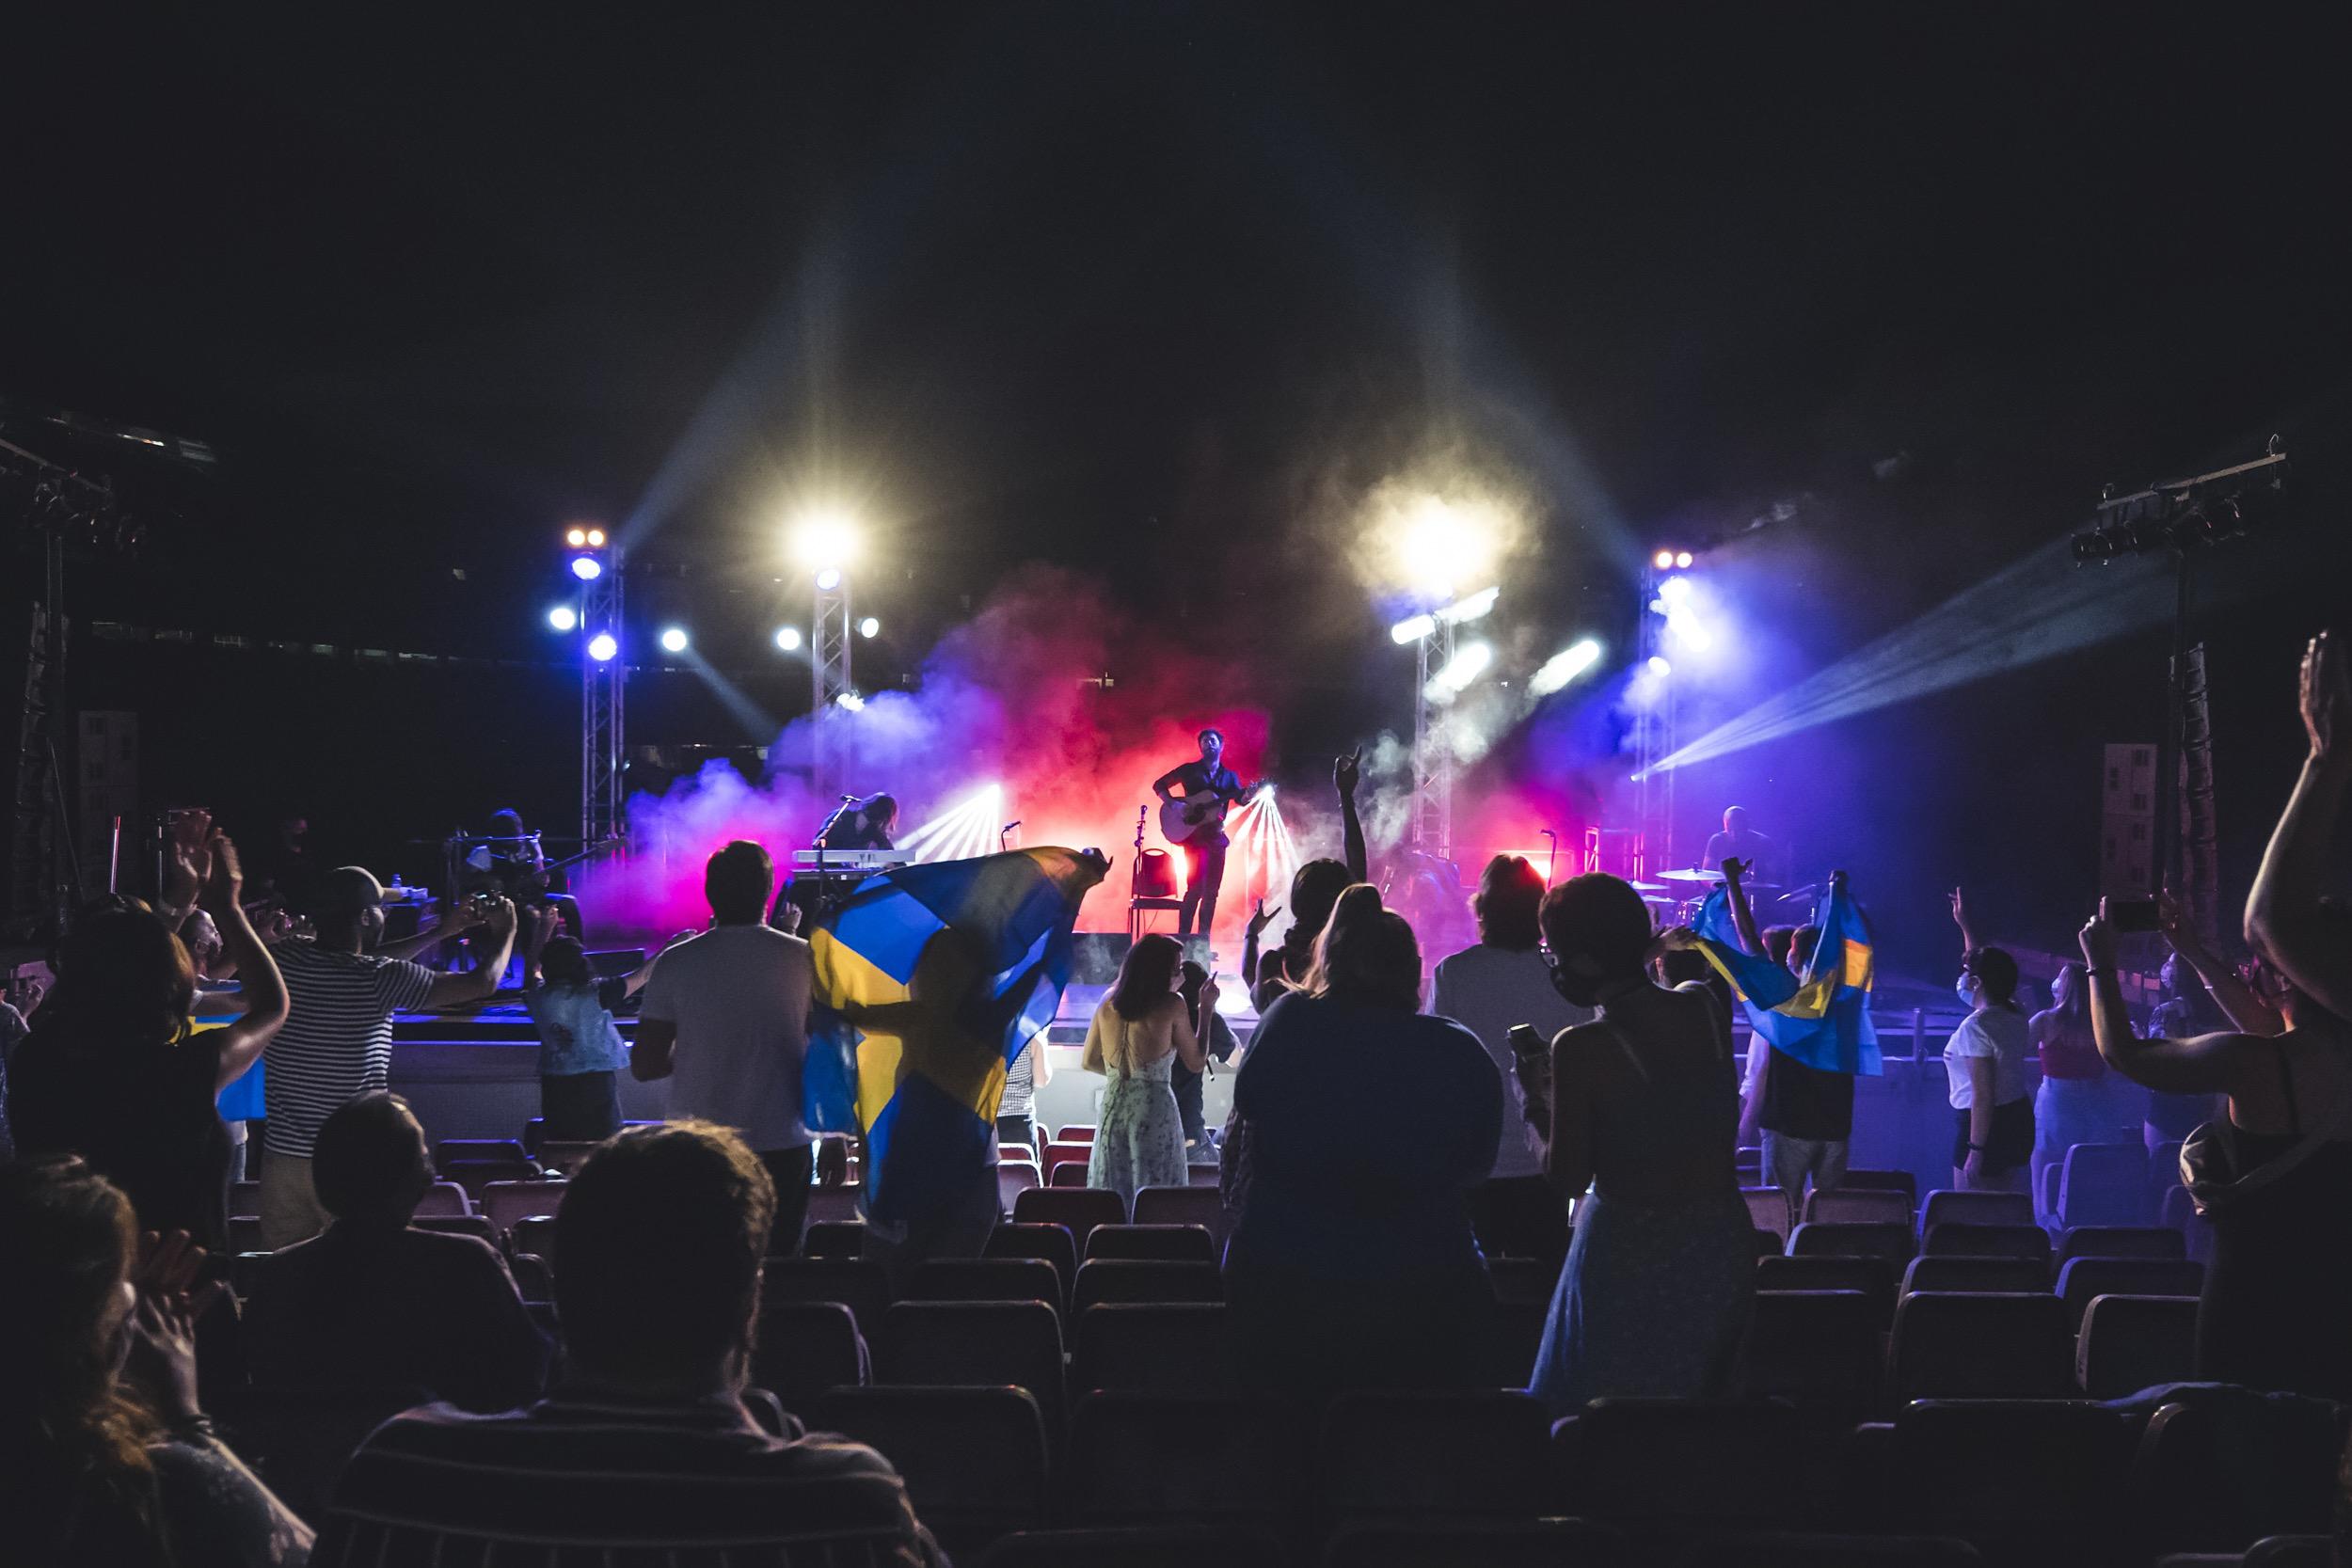 Más de una persona en el público ondeaba banderas de Suecia en referencia al nombre del grupo. | Fuente: Cruïlla